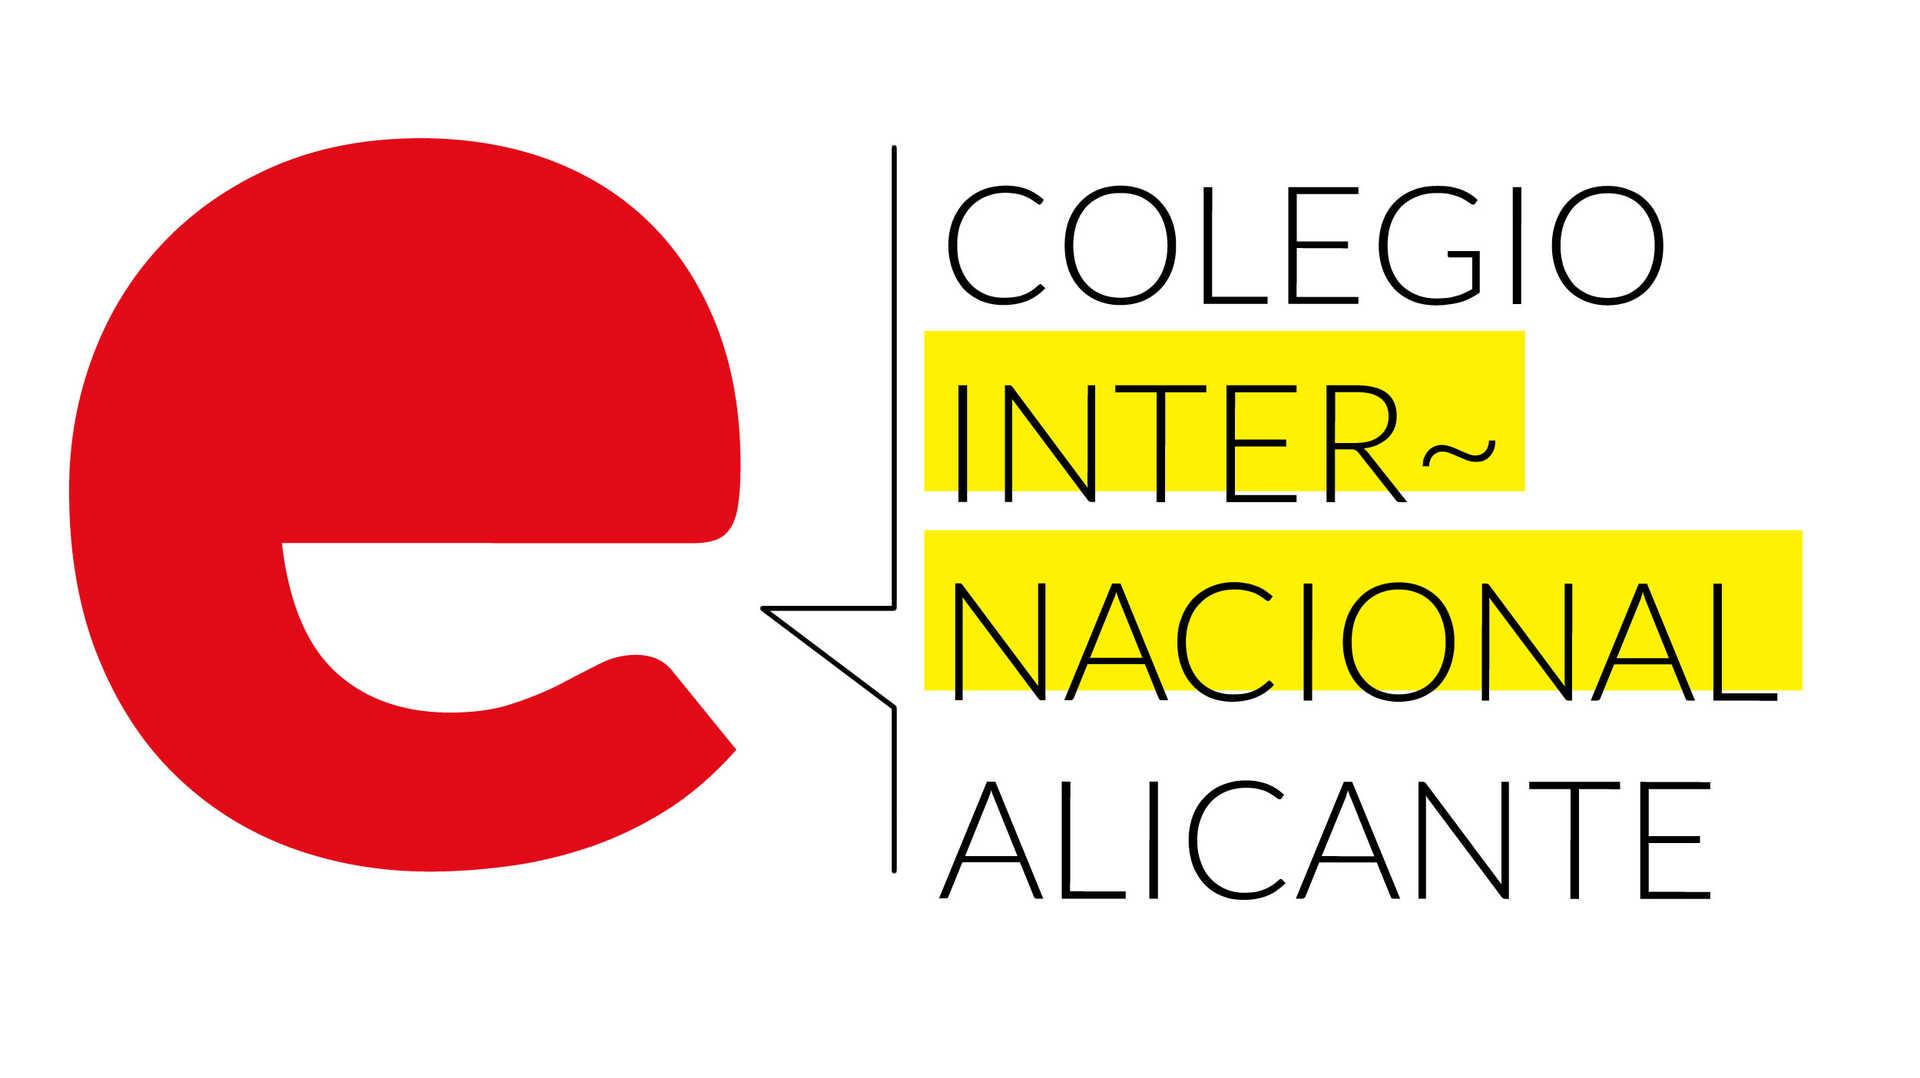 Colegio Internacional de Alicante - logo